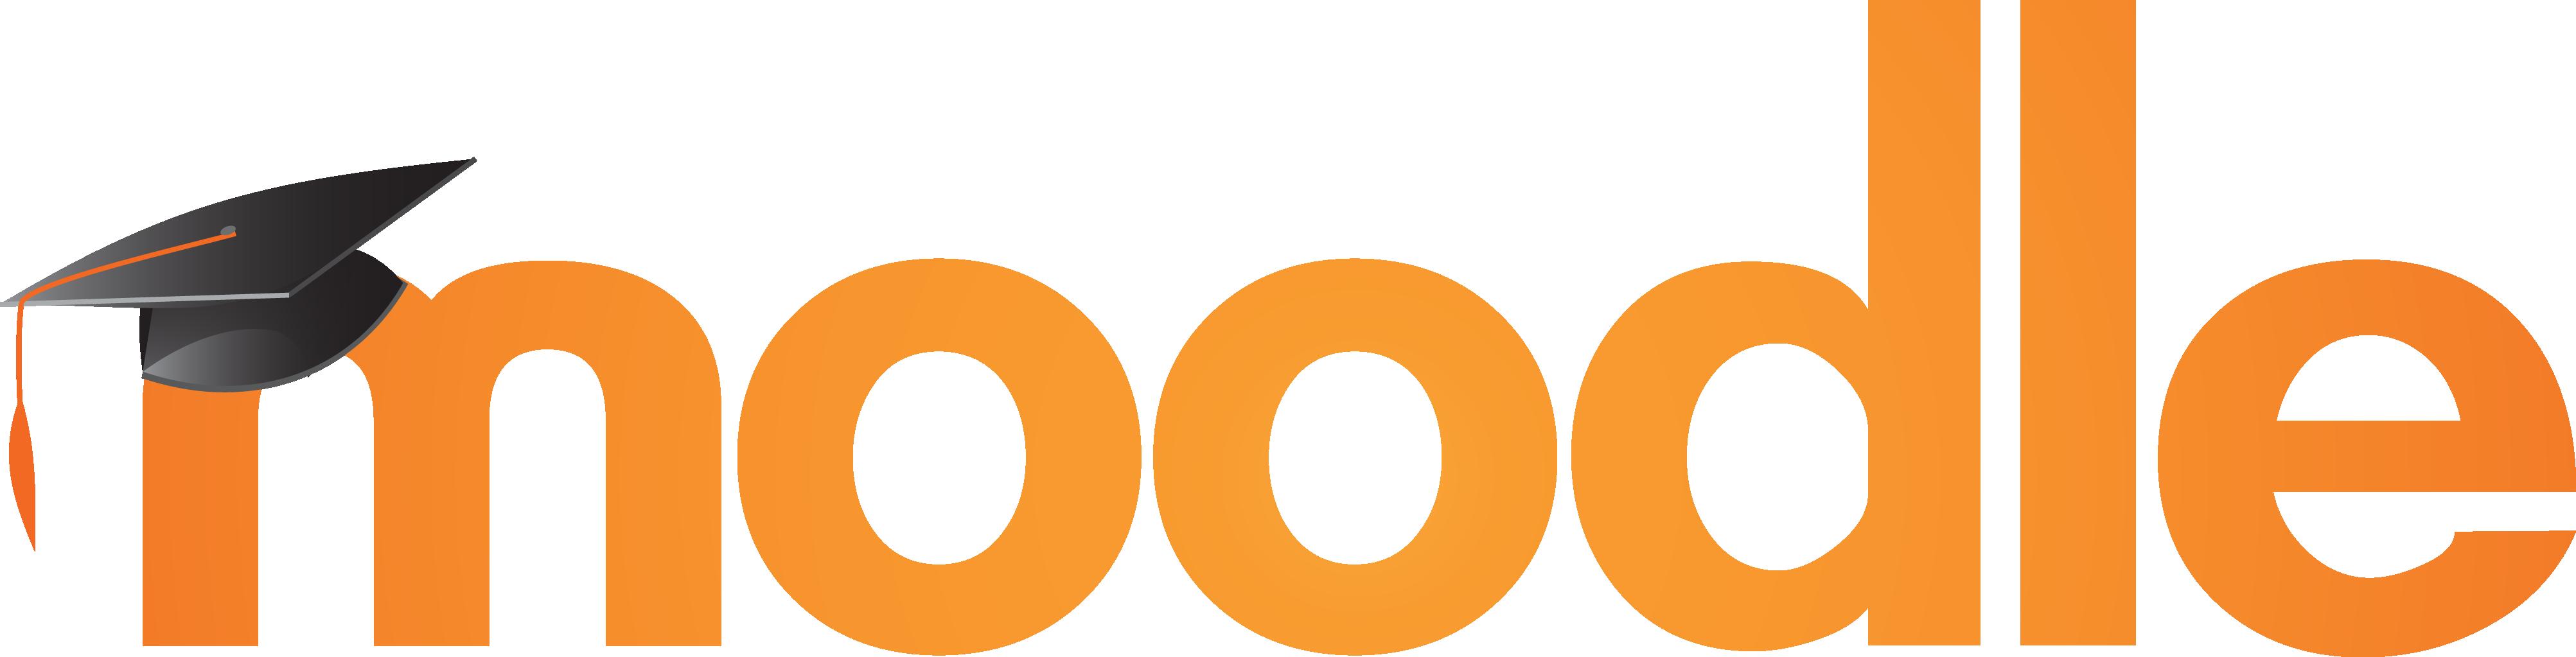 moodlelogobig